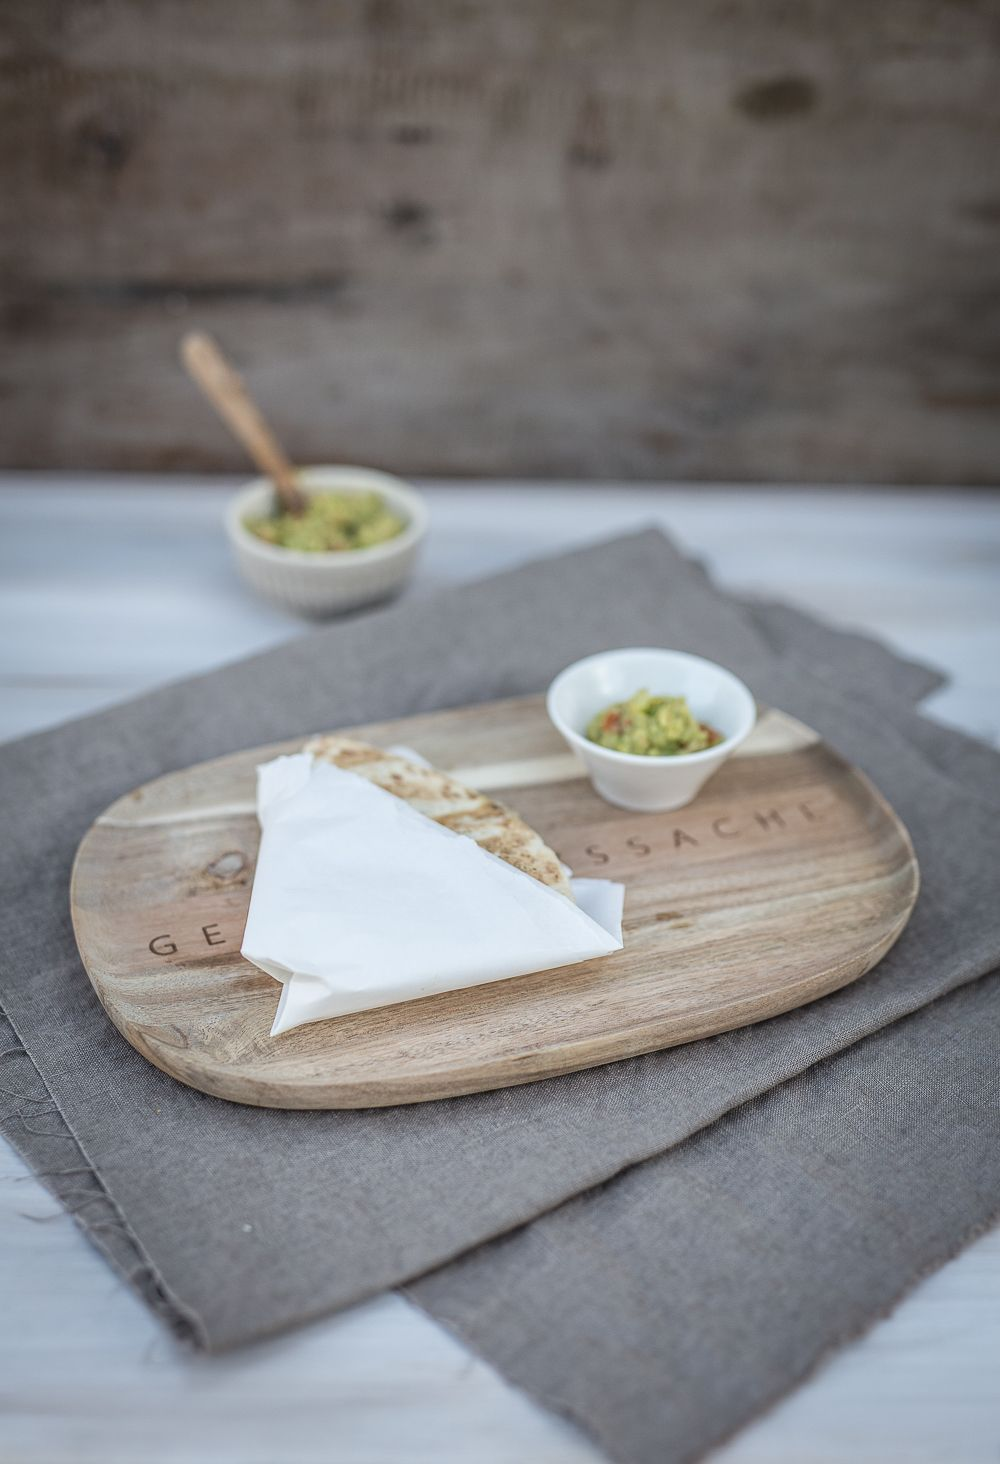 gegrillte Quesadillas mit Hähnchen und Gemüse